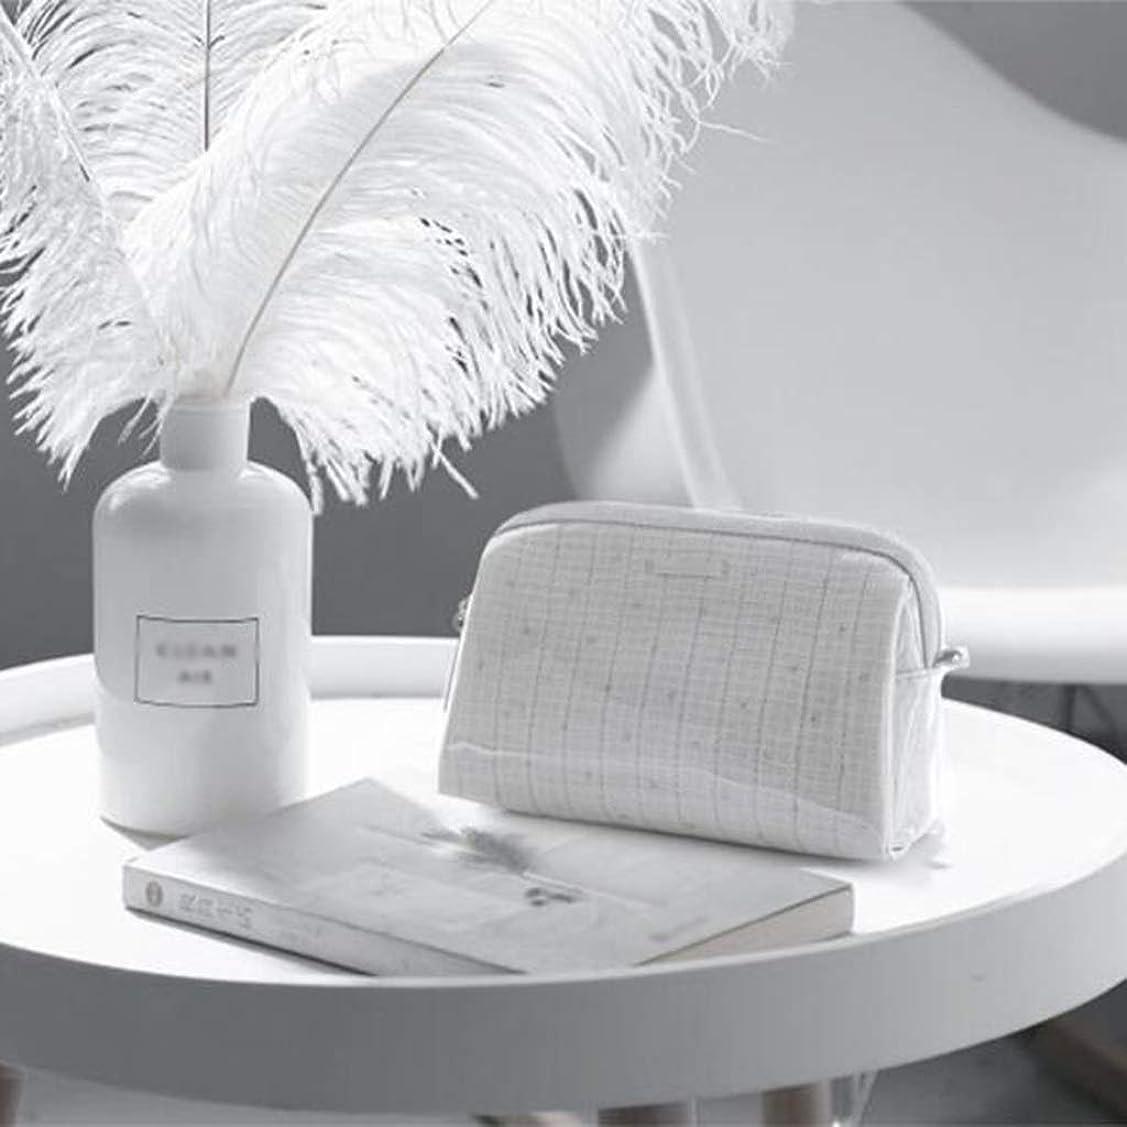 統計付録ことわざDWWSP ポータブル化粧品袋大容量収納袋内蔵のコットン生地で傾けることができます本体プラスチック防水性と防塵性グレー 化粧品のバッグ